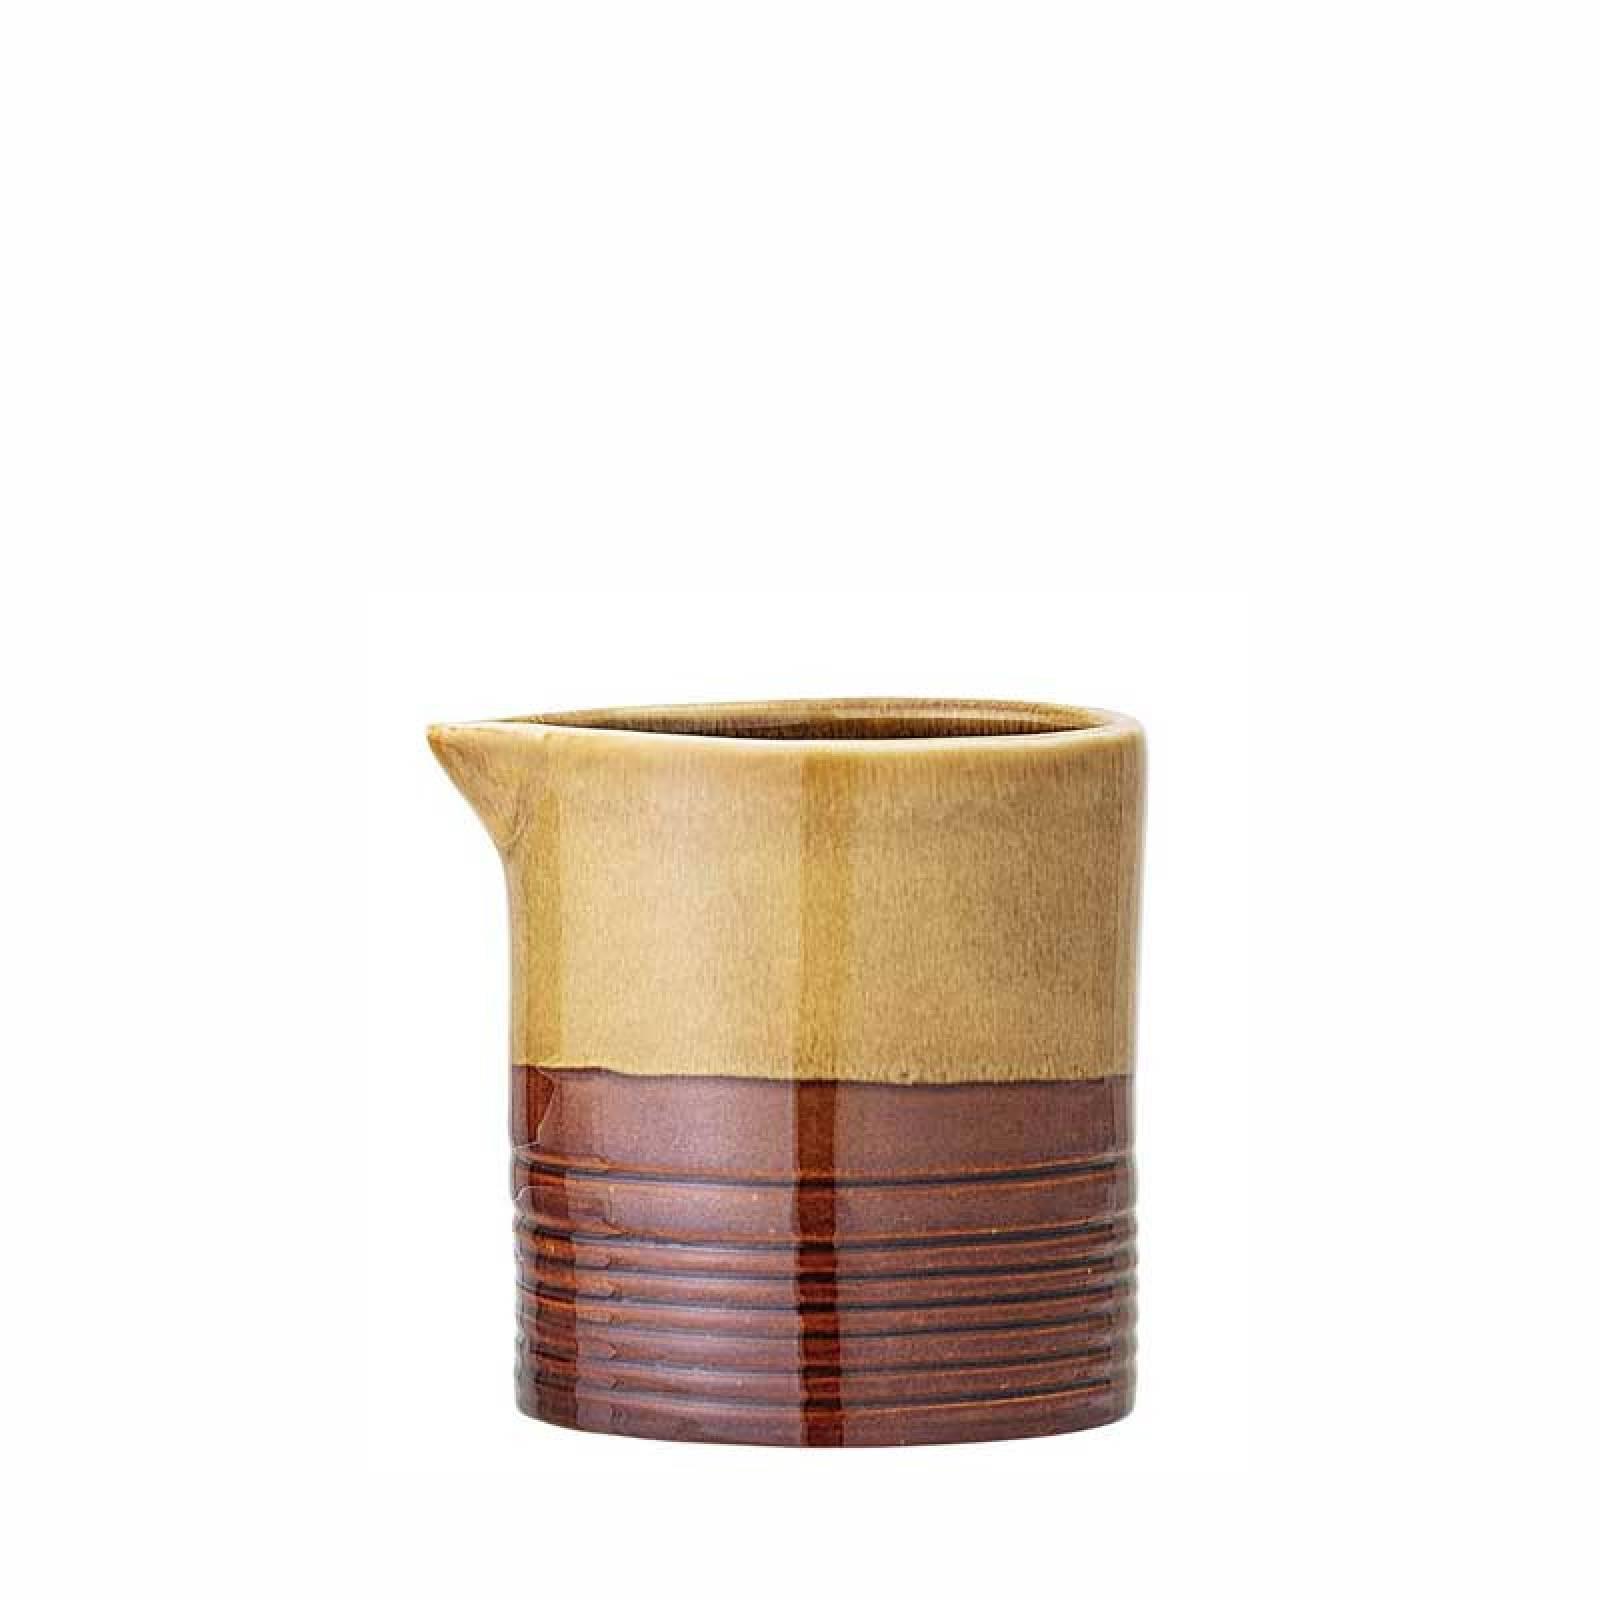 Thea Stoneware Jug 7.5x8.5cm